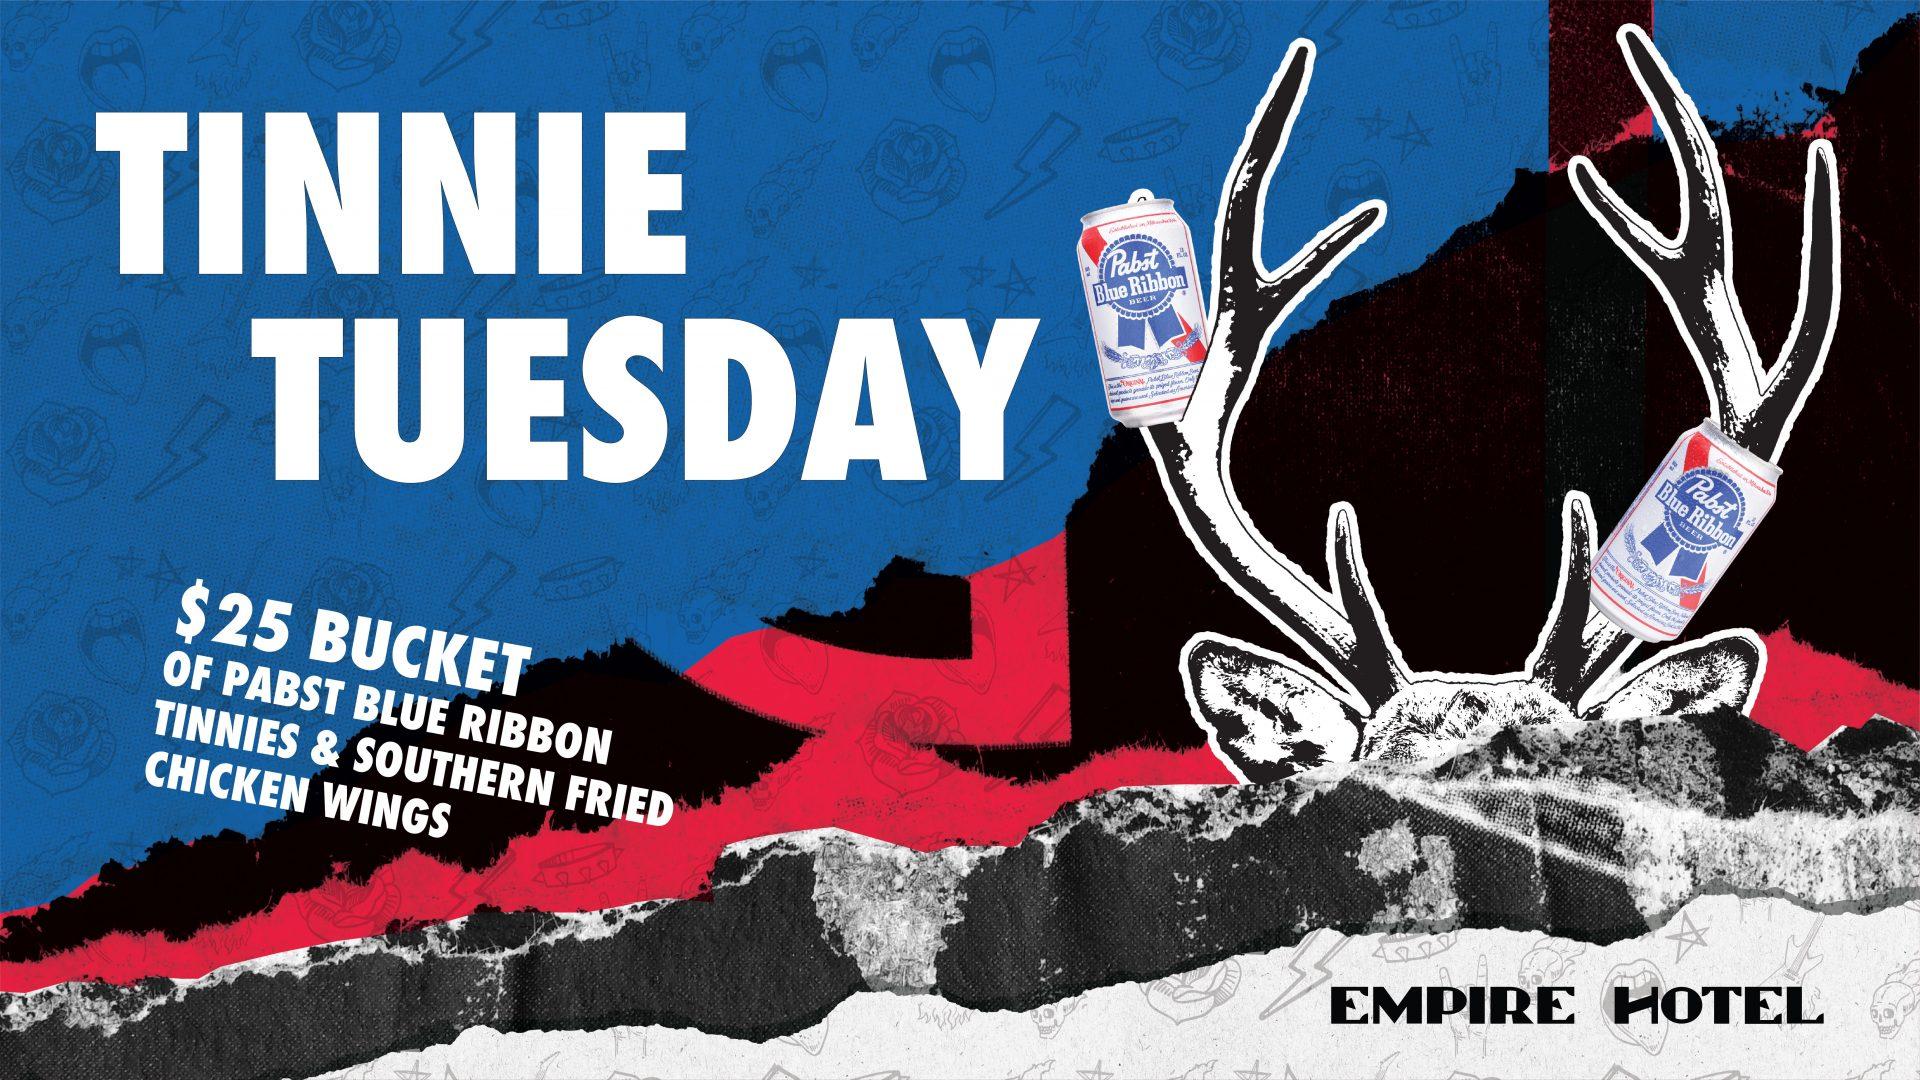 Tinnie Tuesday